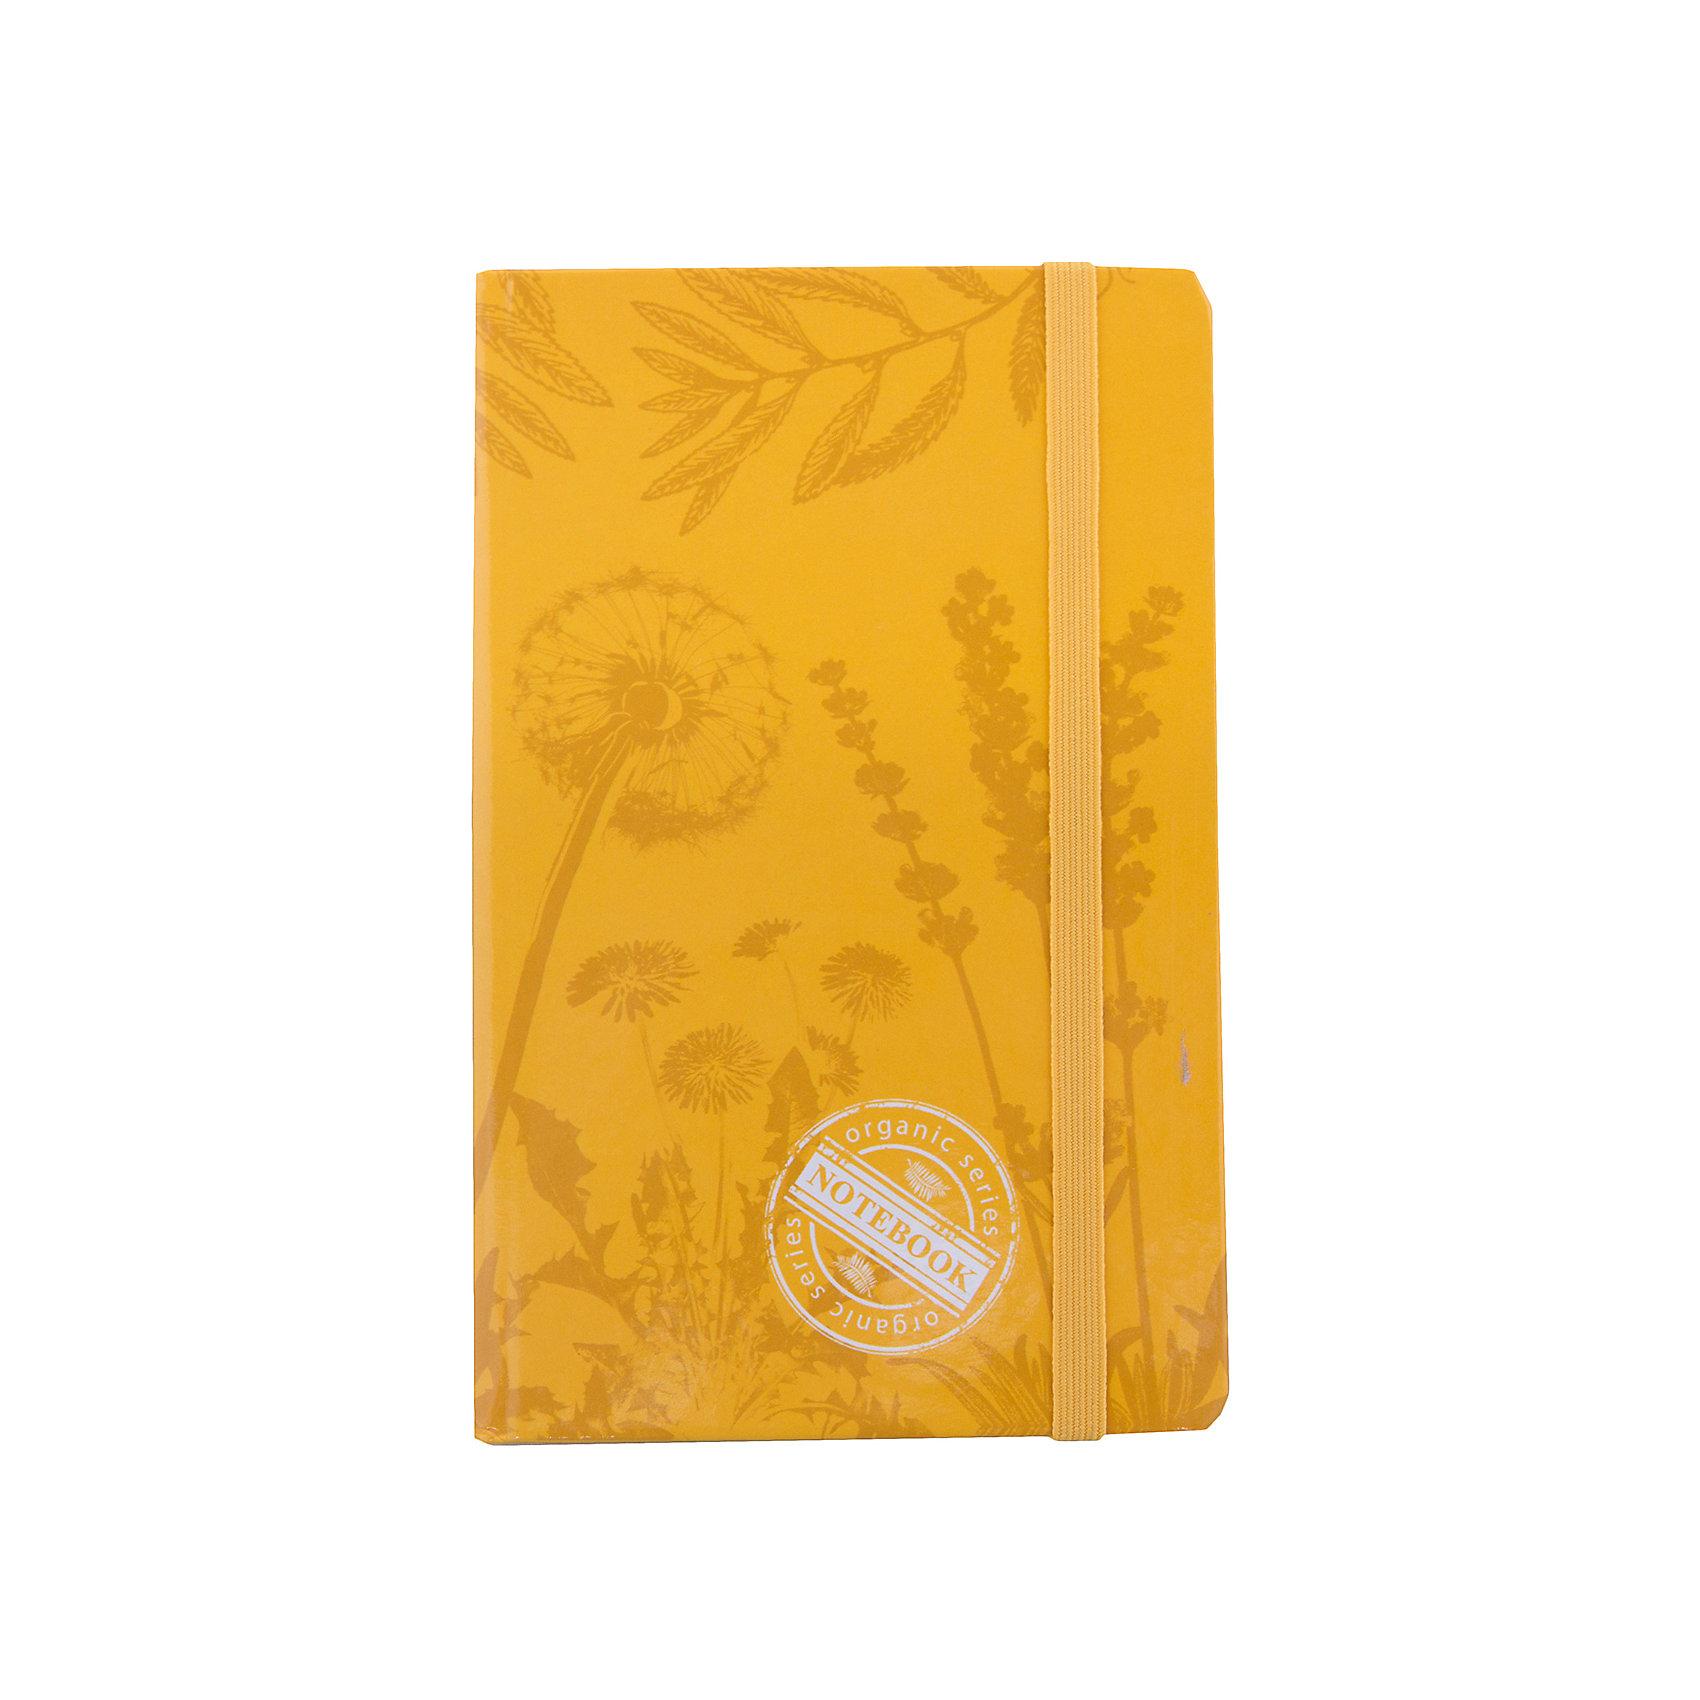 Записная книжка Эко Феникс+Бумажная продукция<br>Записная книжка ЭКО(93x145мм, 80 л.,тв. картонная обложка на застежке-резинке, под глян. ламинацией)<br><br>Ширина мм: 150<br>Глубина мм: 95<br>Высота мм: 10<br>Вес г: 115<br>Возраст от месяцев: 72<br>Возраст до месяцев: 2147483647<br>Пол: Унисекс<br>Возраст: Детский<br>SKU: 7046209